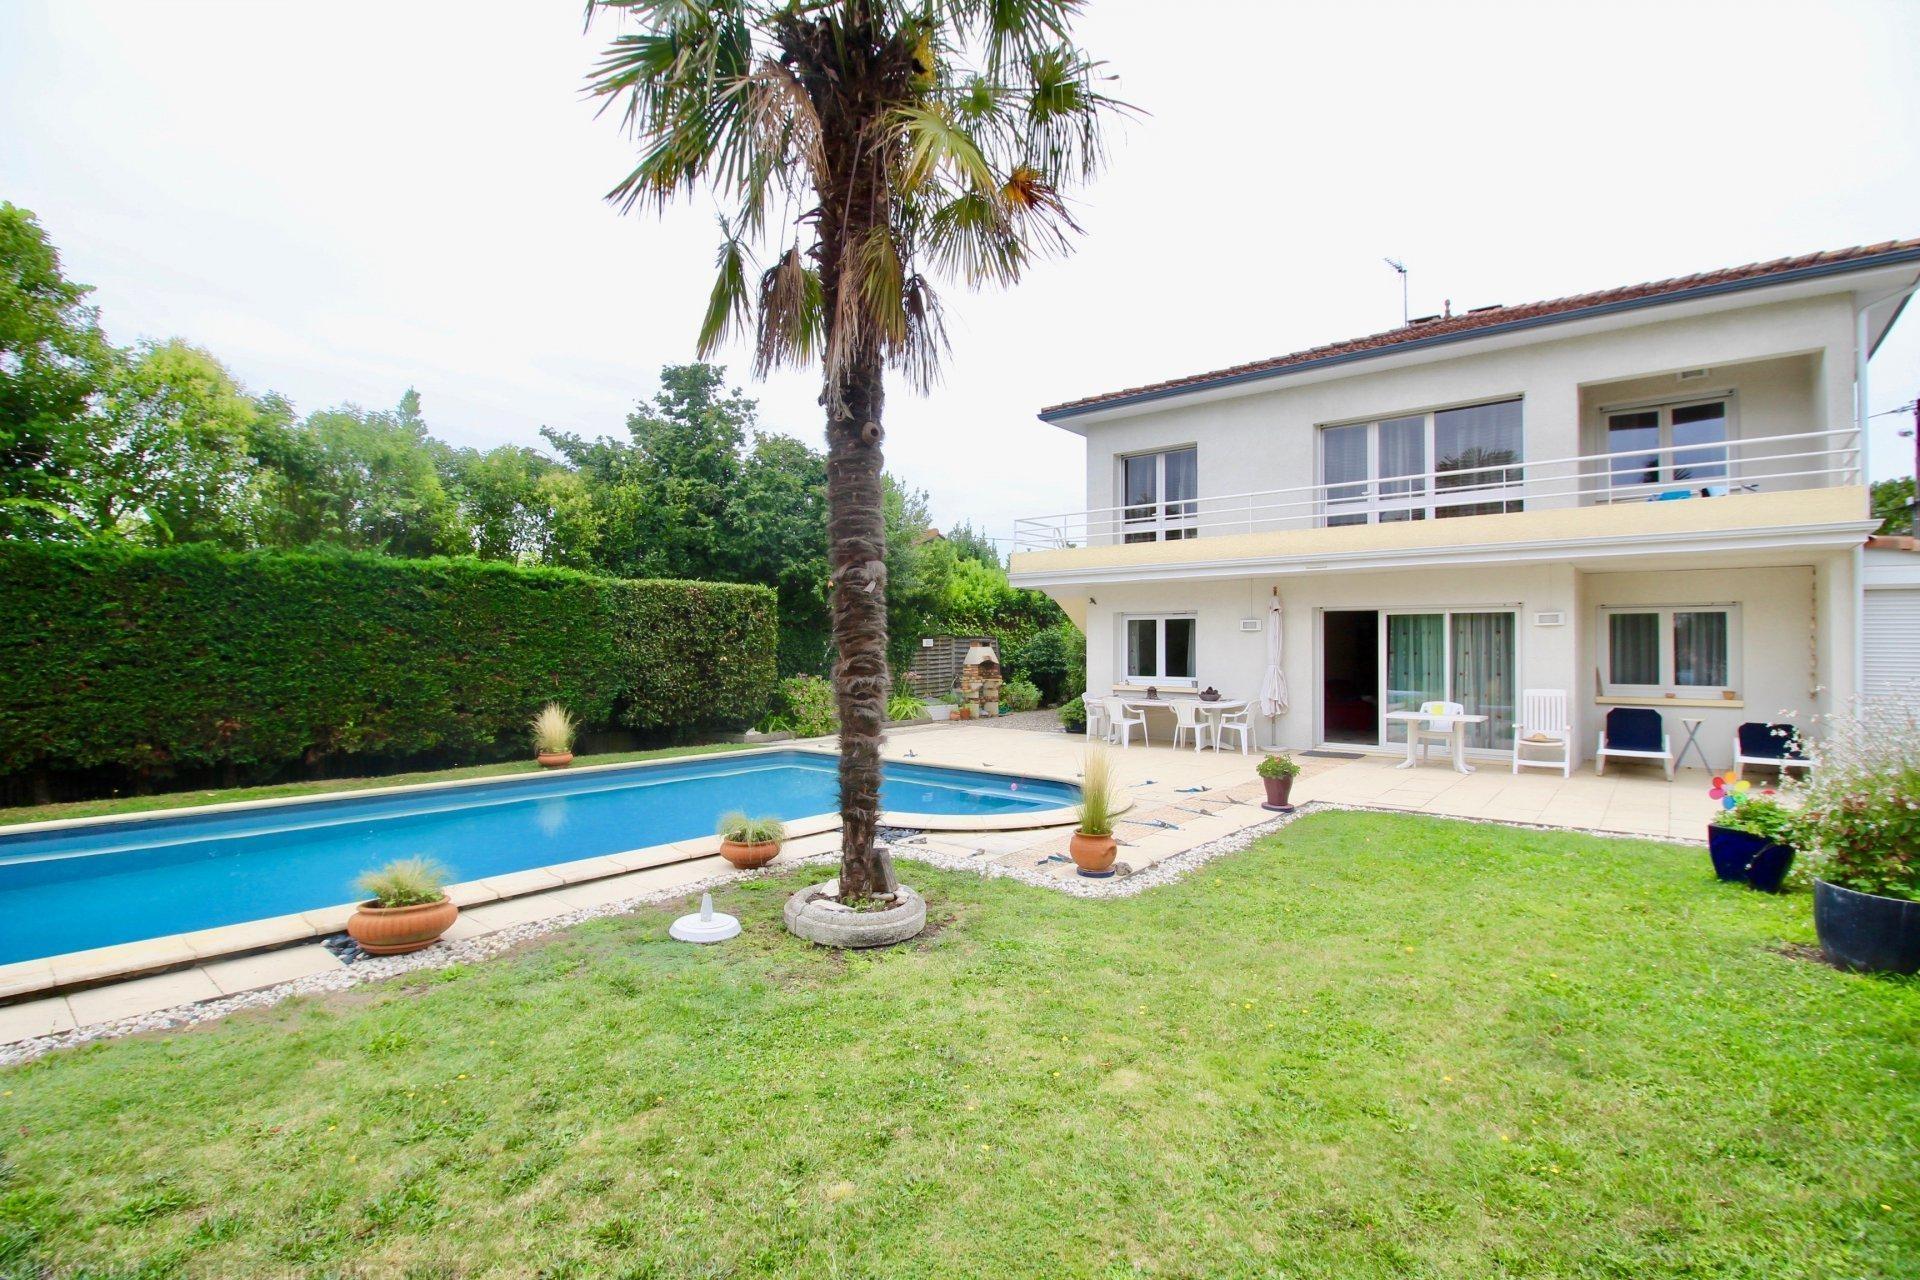 Grande maison familiale 6 chambres avec terrain et piscine a vendre bordeaux merignac